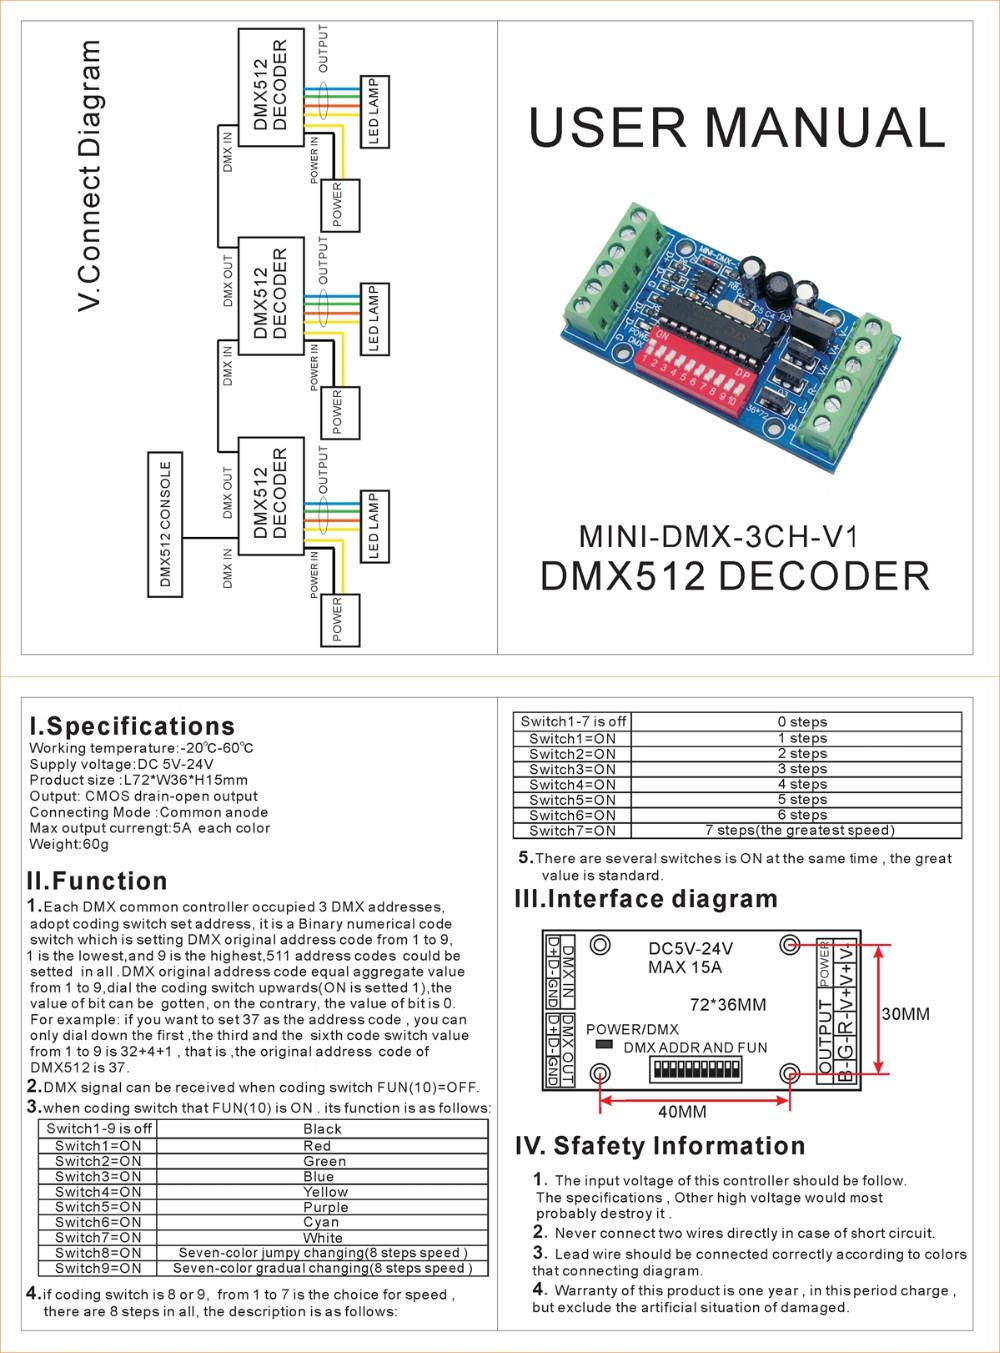 DMX_Controller_MlNl_DMX_3CH_V1_DC5V_24V_1